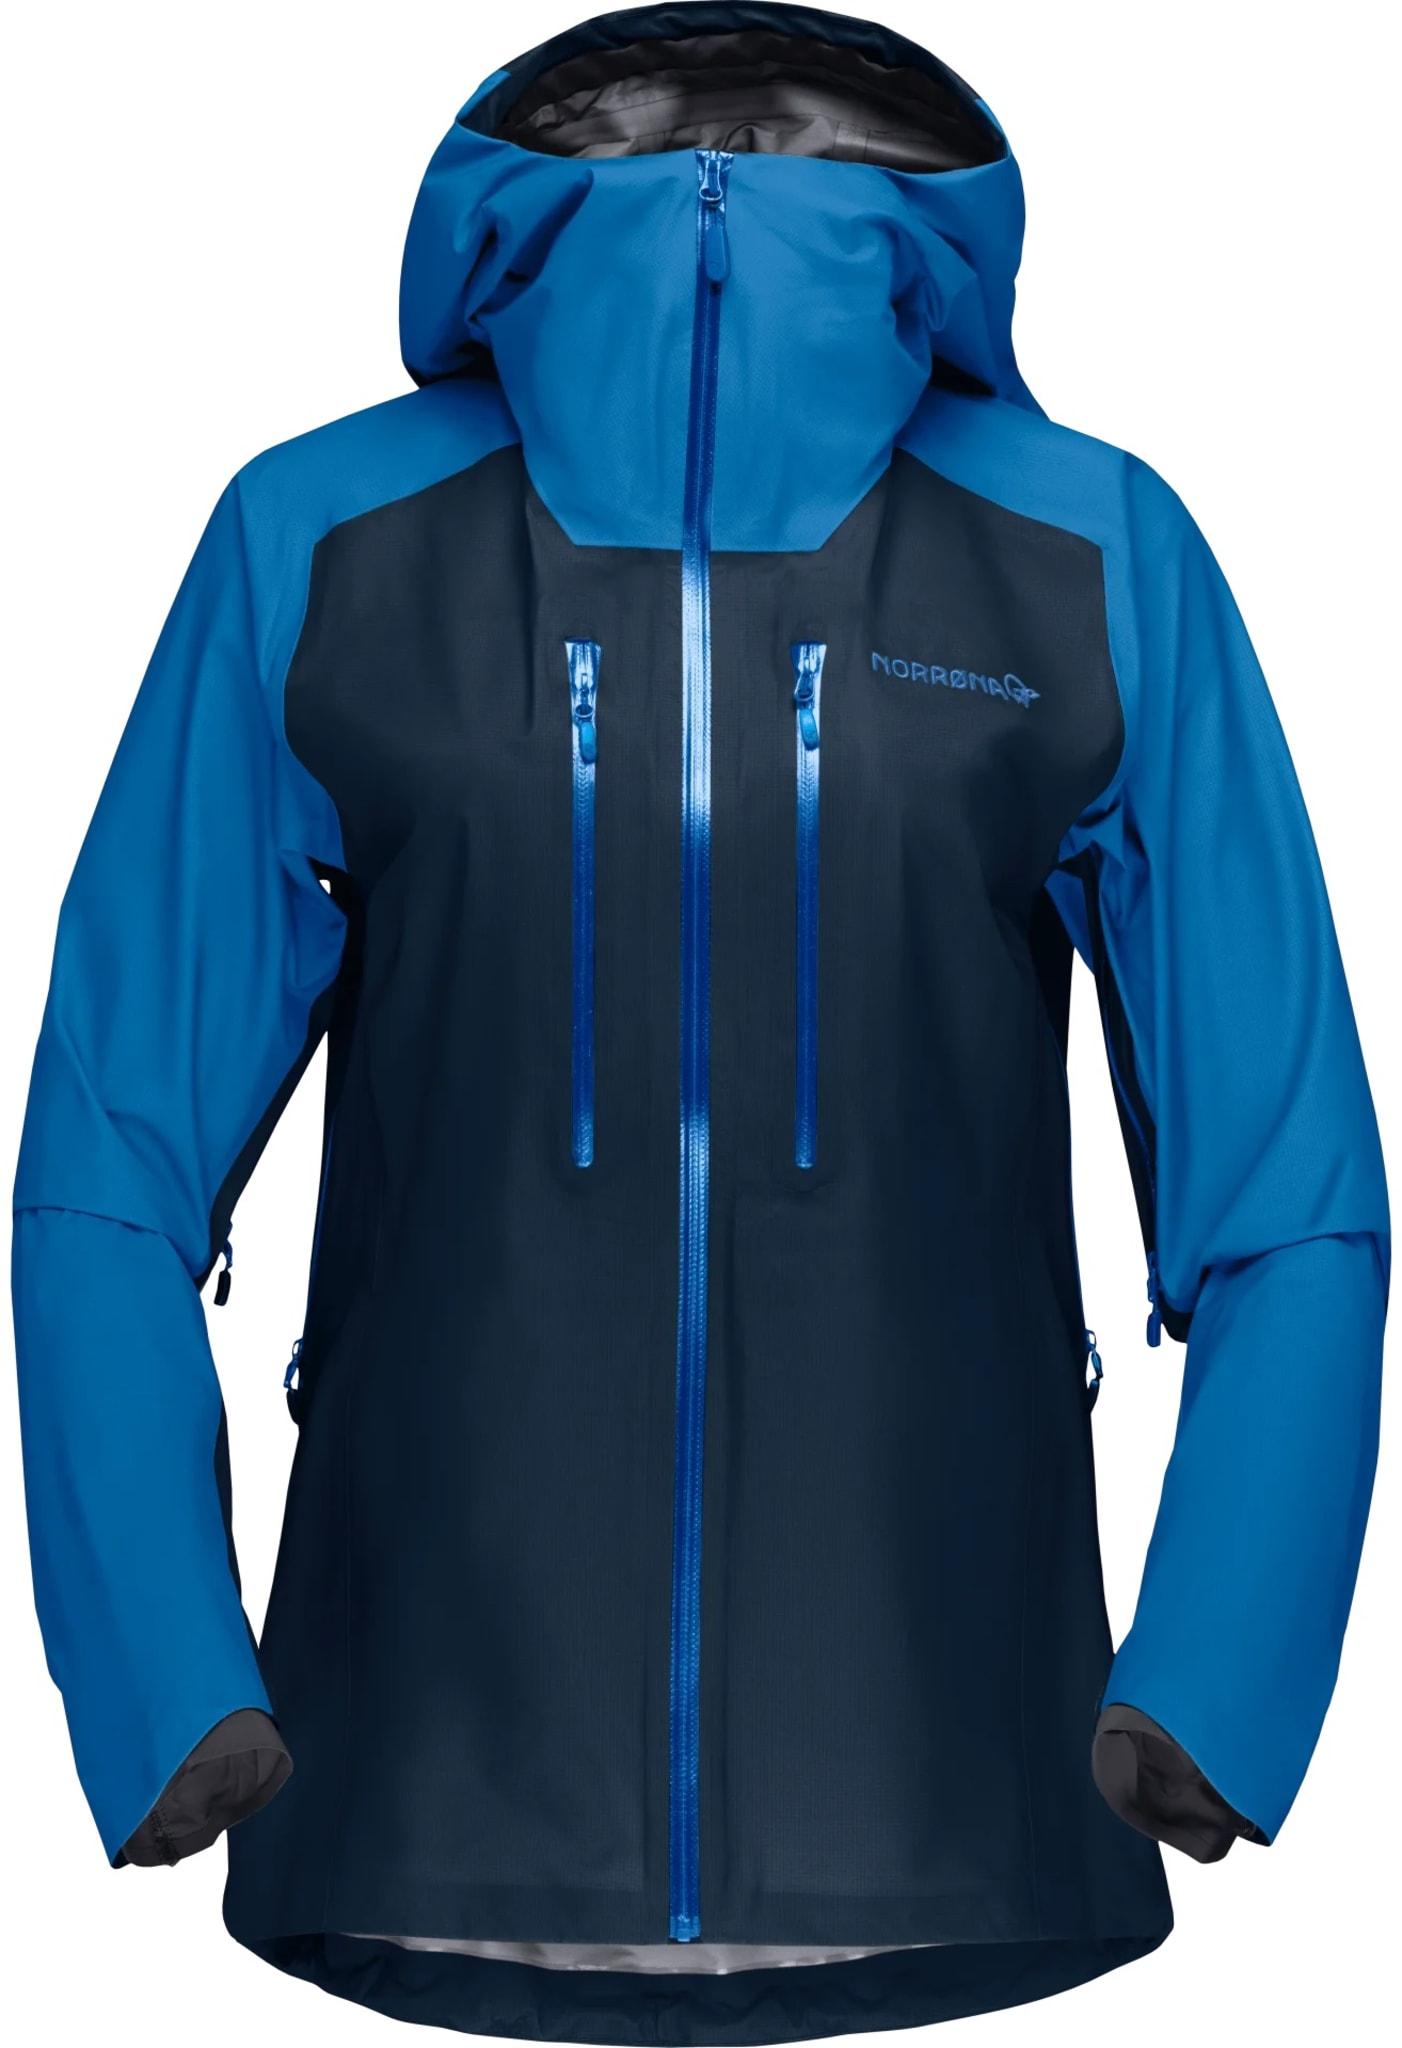 Lyngen GORE-TEX Jacket W